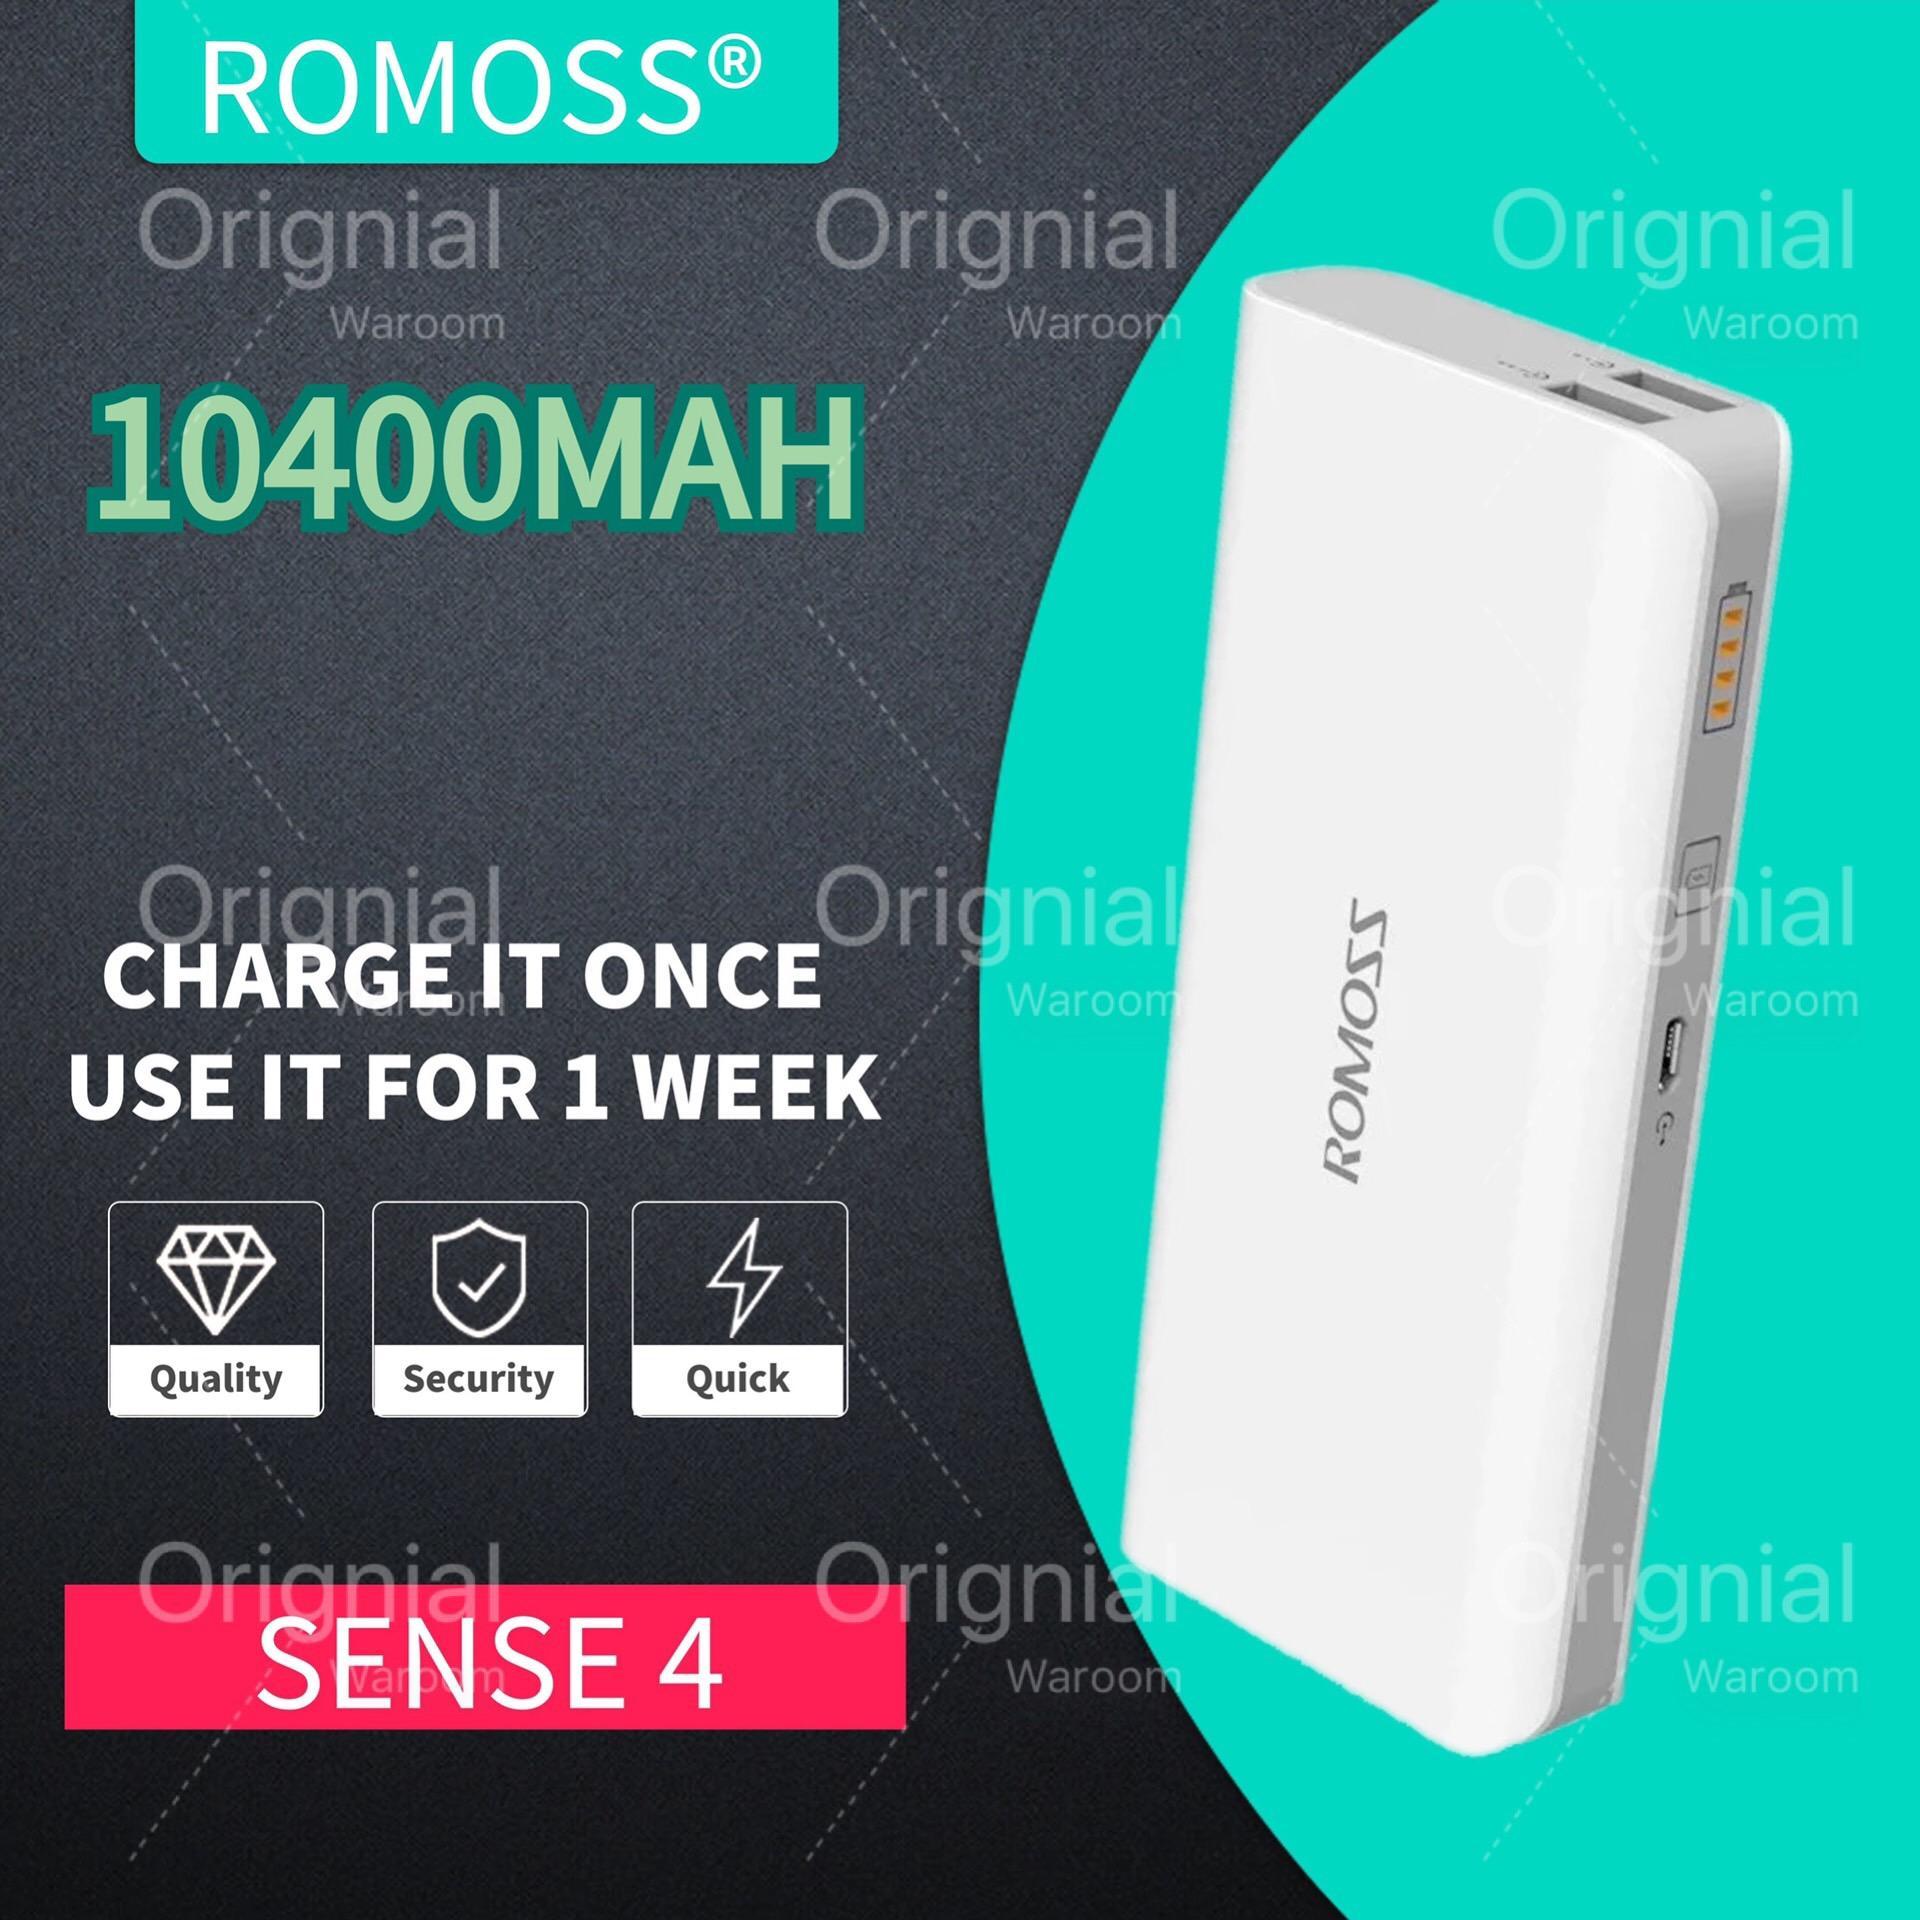 romoss power bank Sense 4 ph50 10400MAH sense4 10400 mah powerbank ideo( WHITE) Original